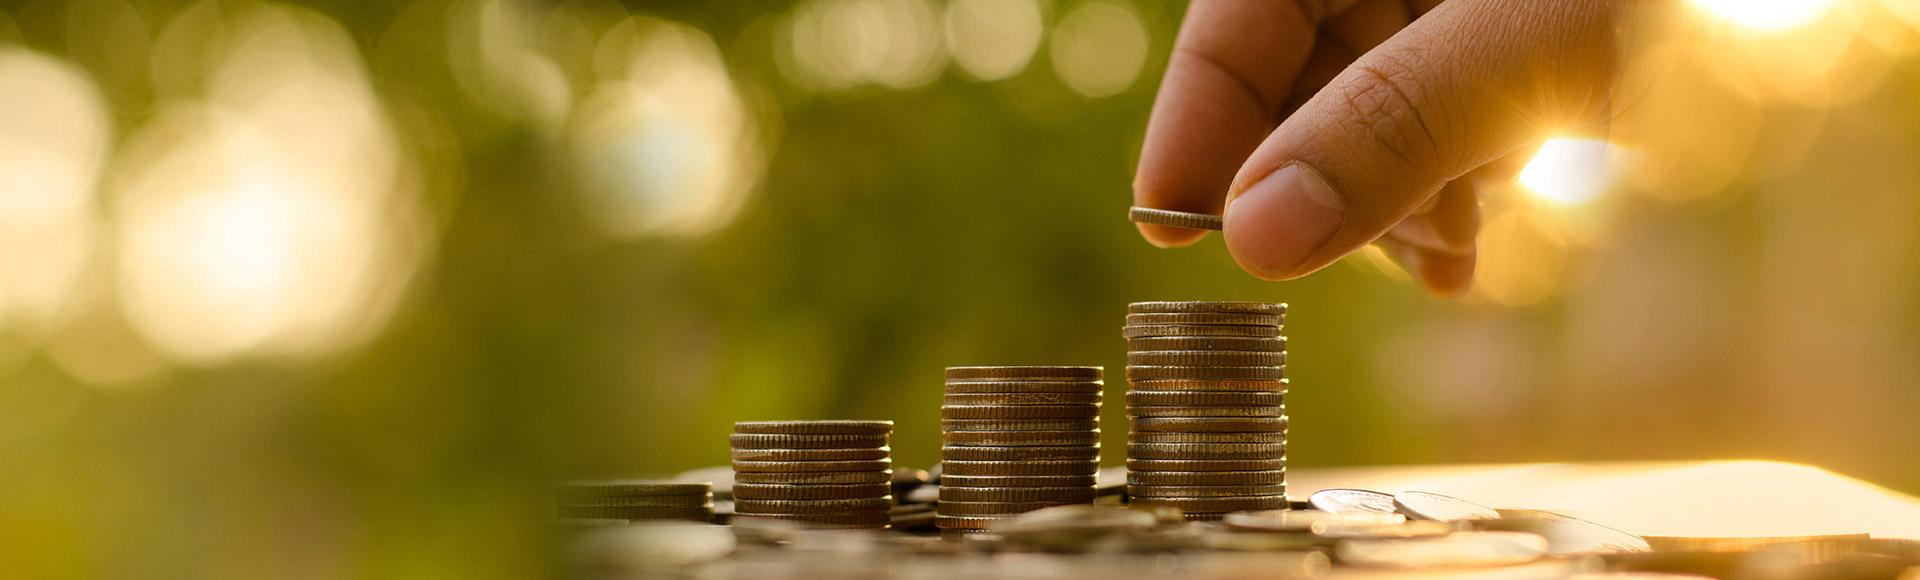 حمایت بانک ها از شرکت های دانش بنیان